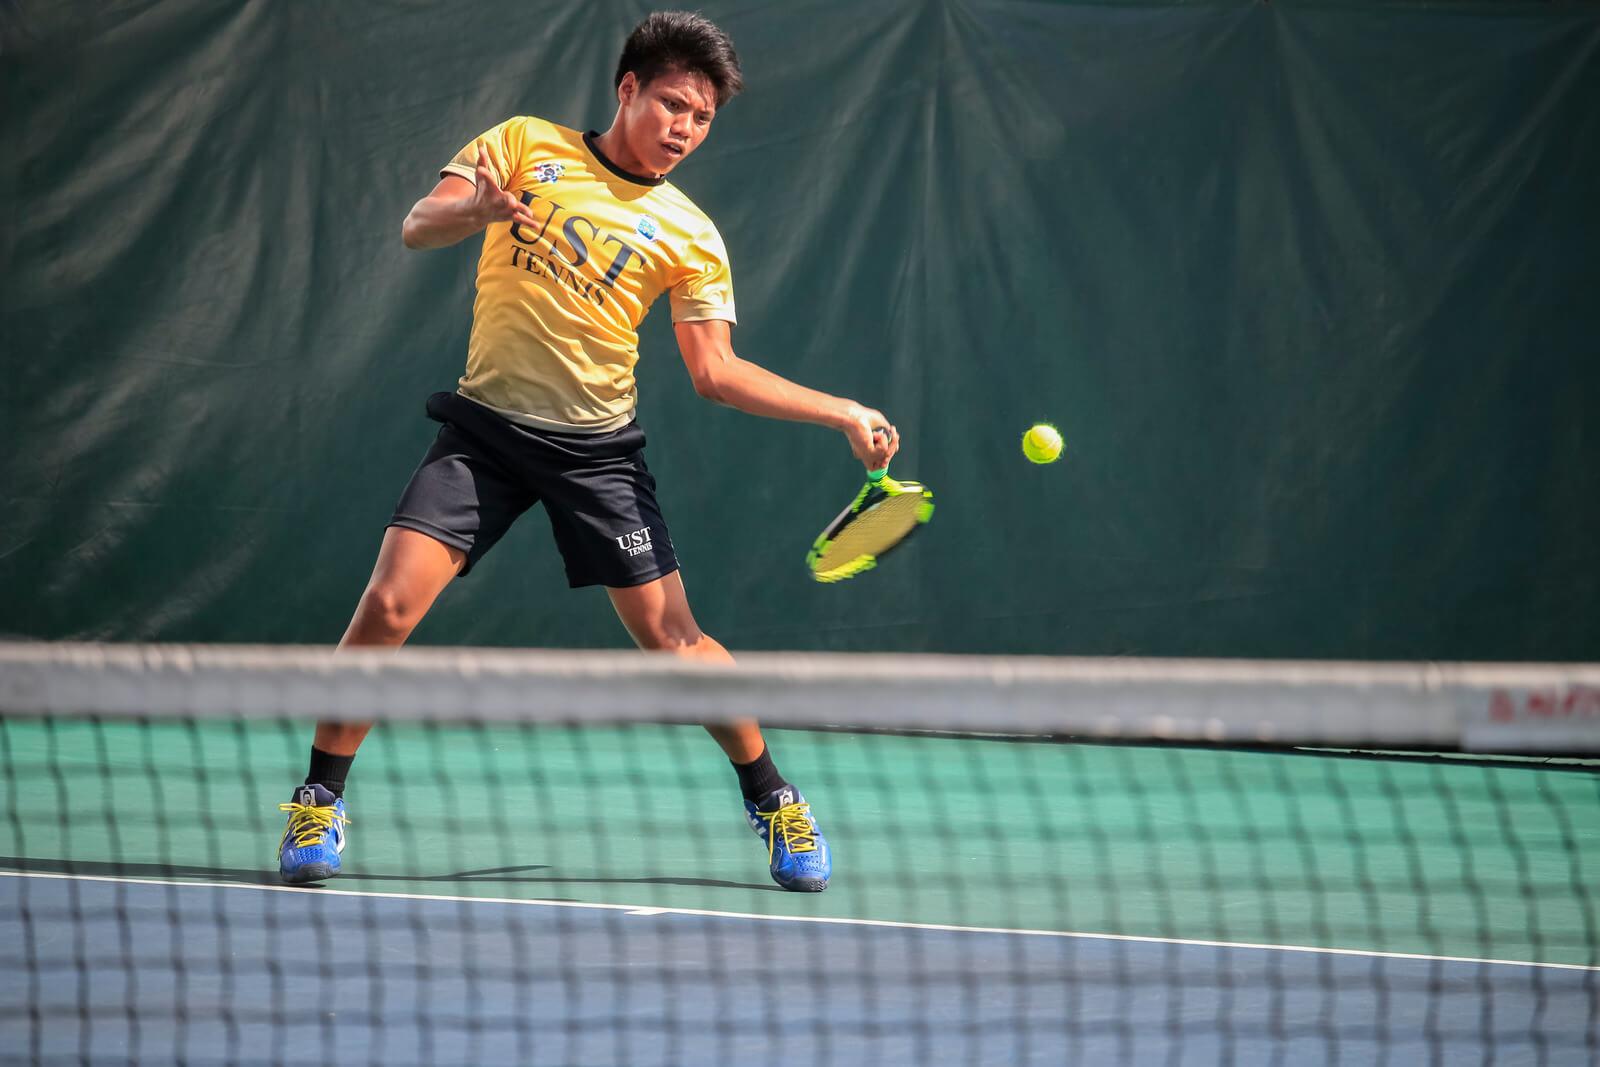 DAZNで見れるもの⑥:テニス